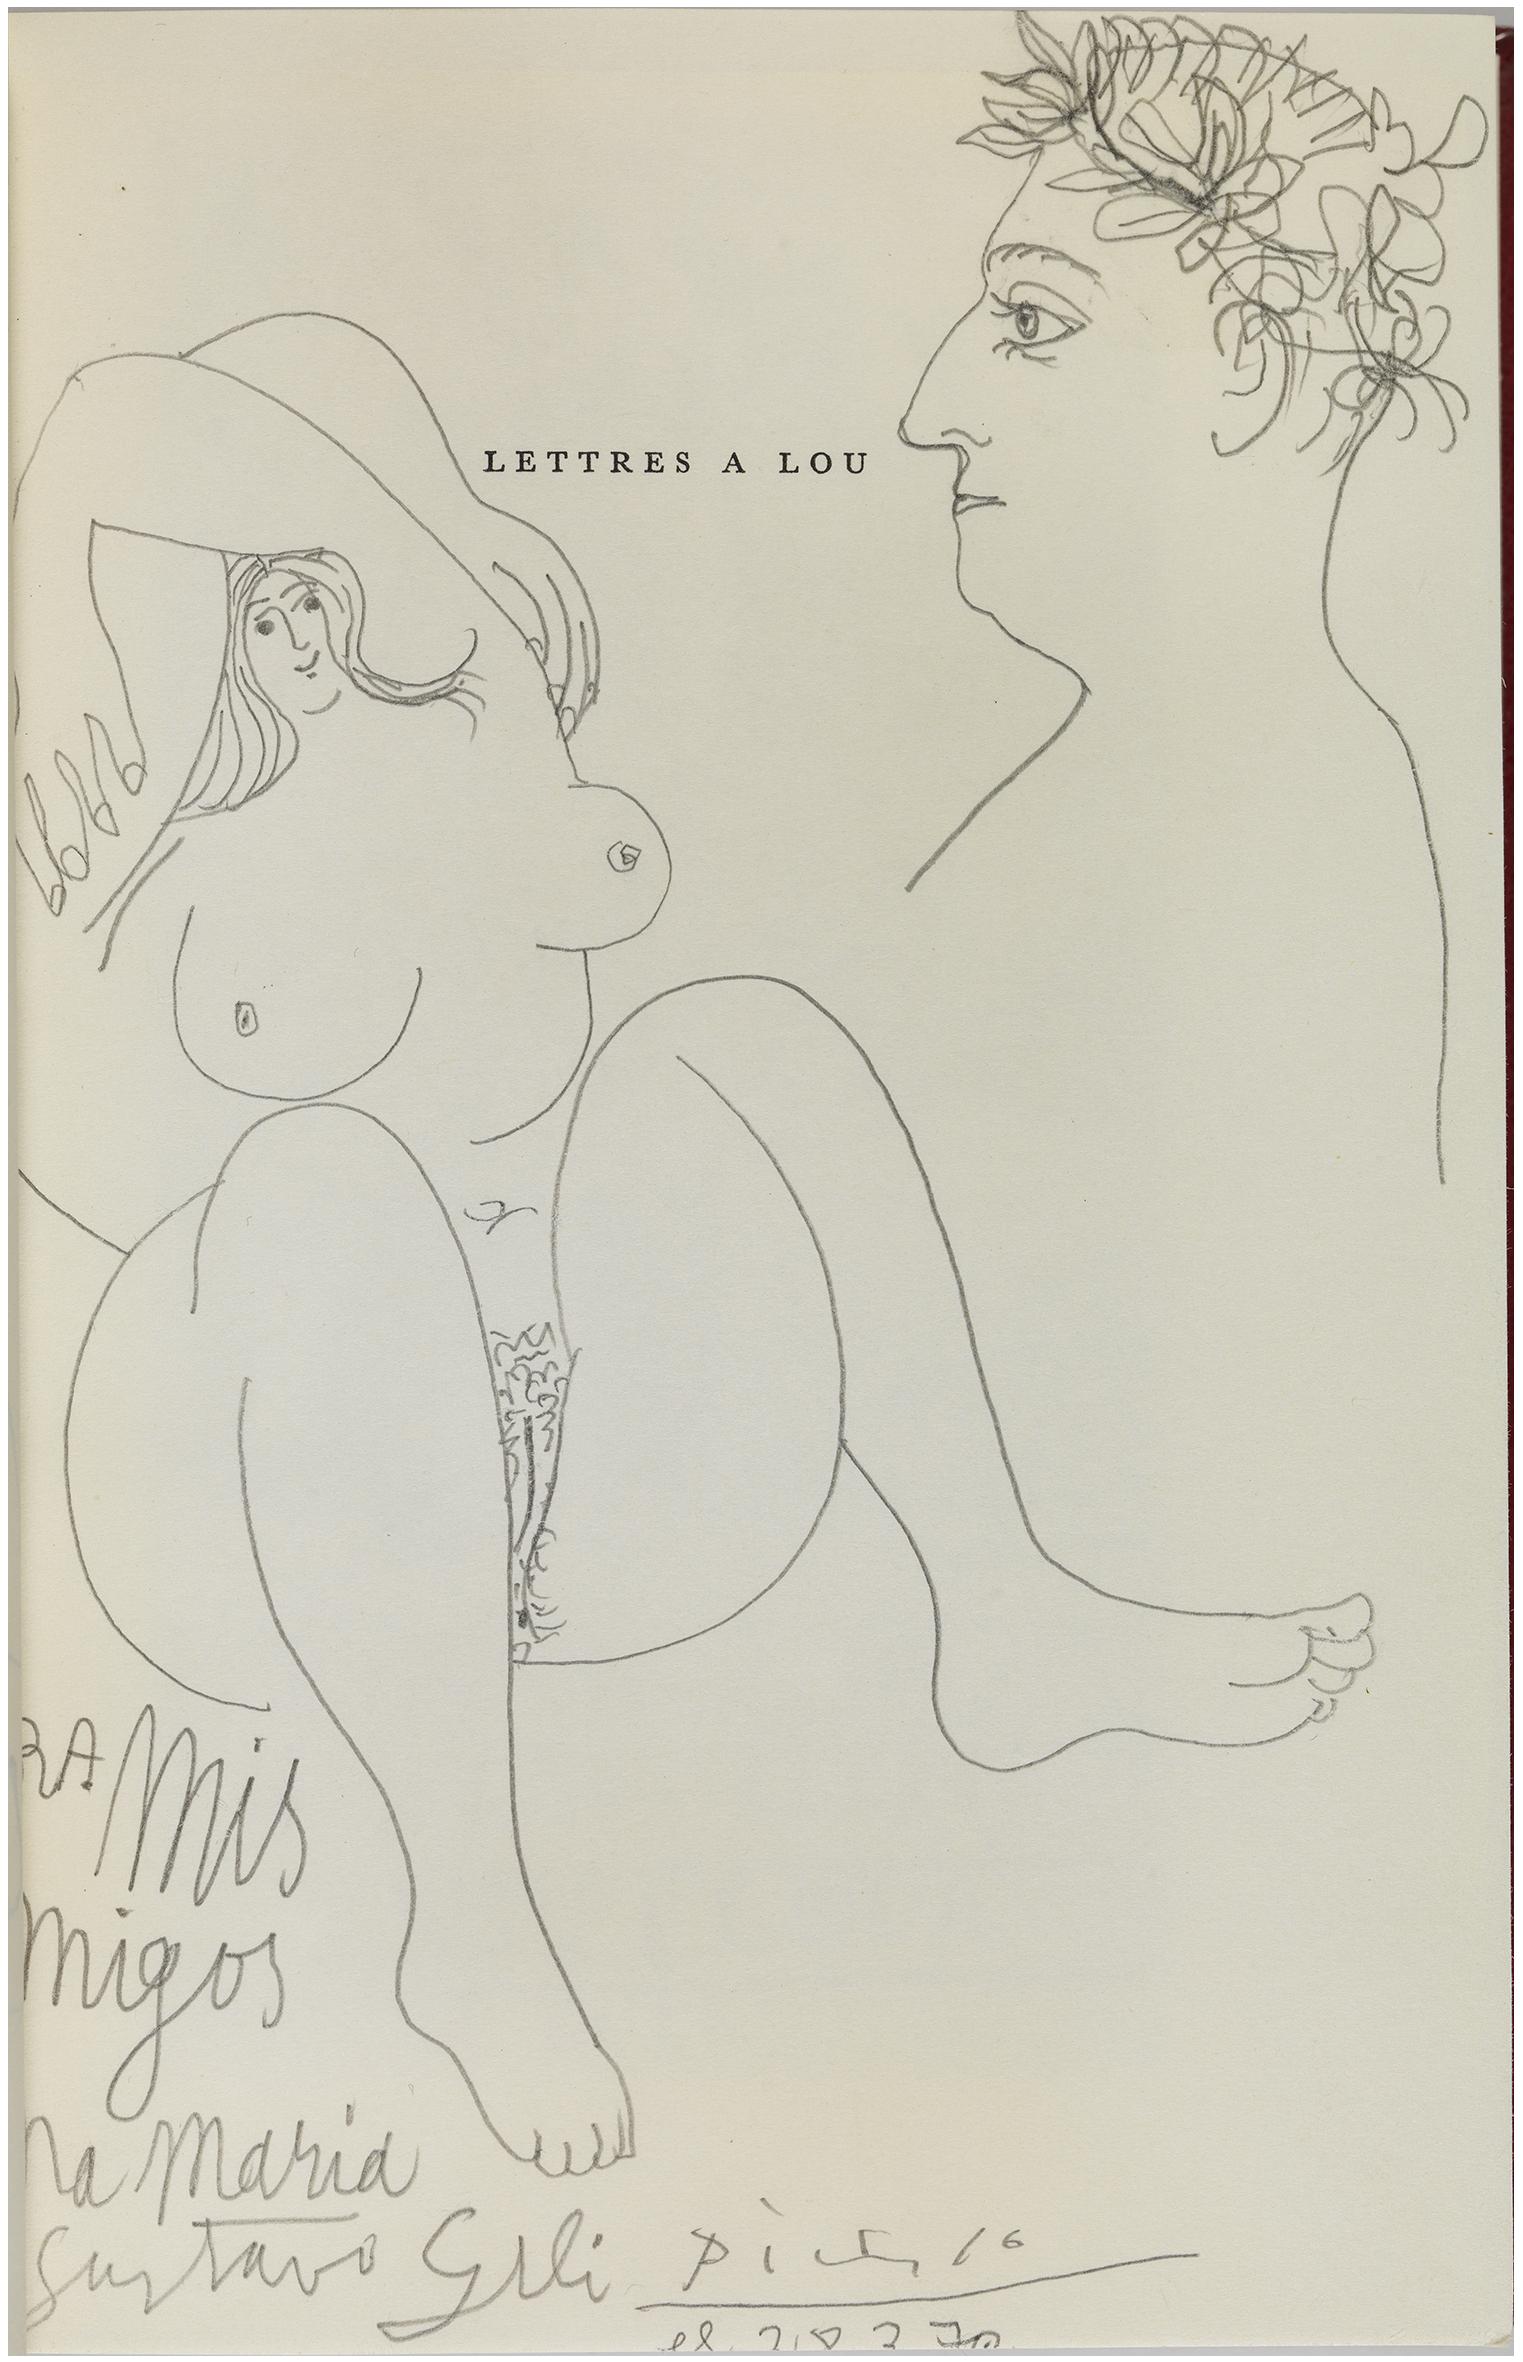 21.MuseuPicasso_Apollinaire amb corona de llorer i una dona